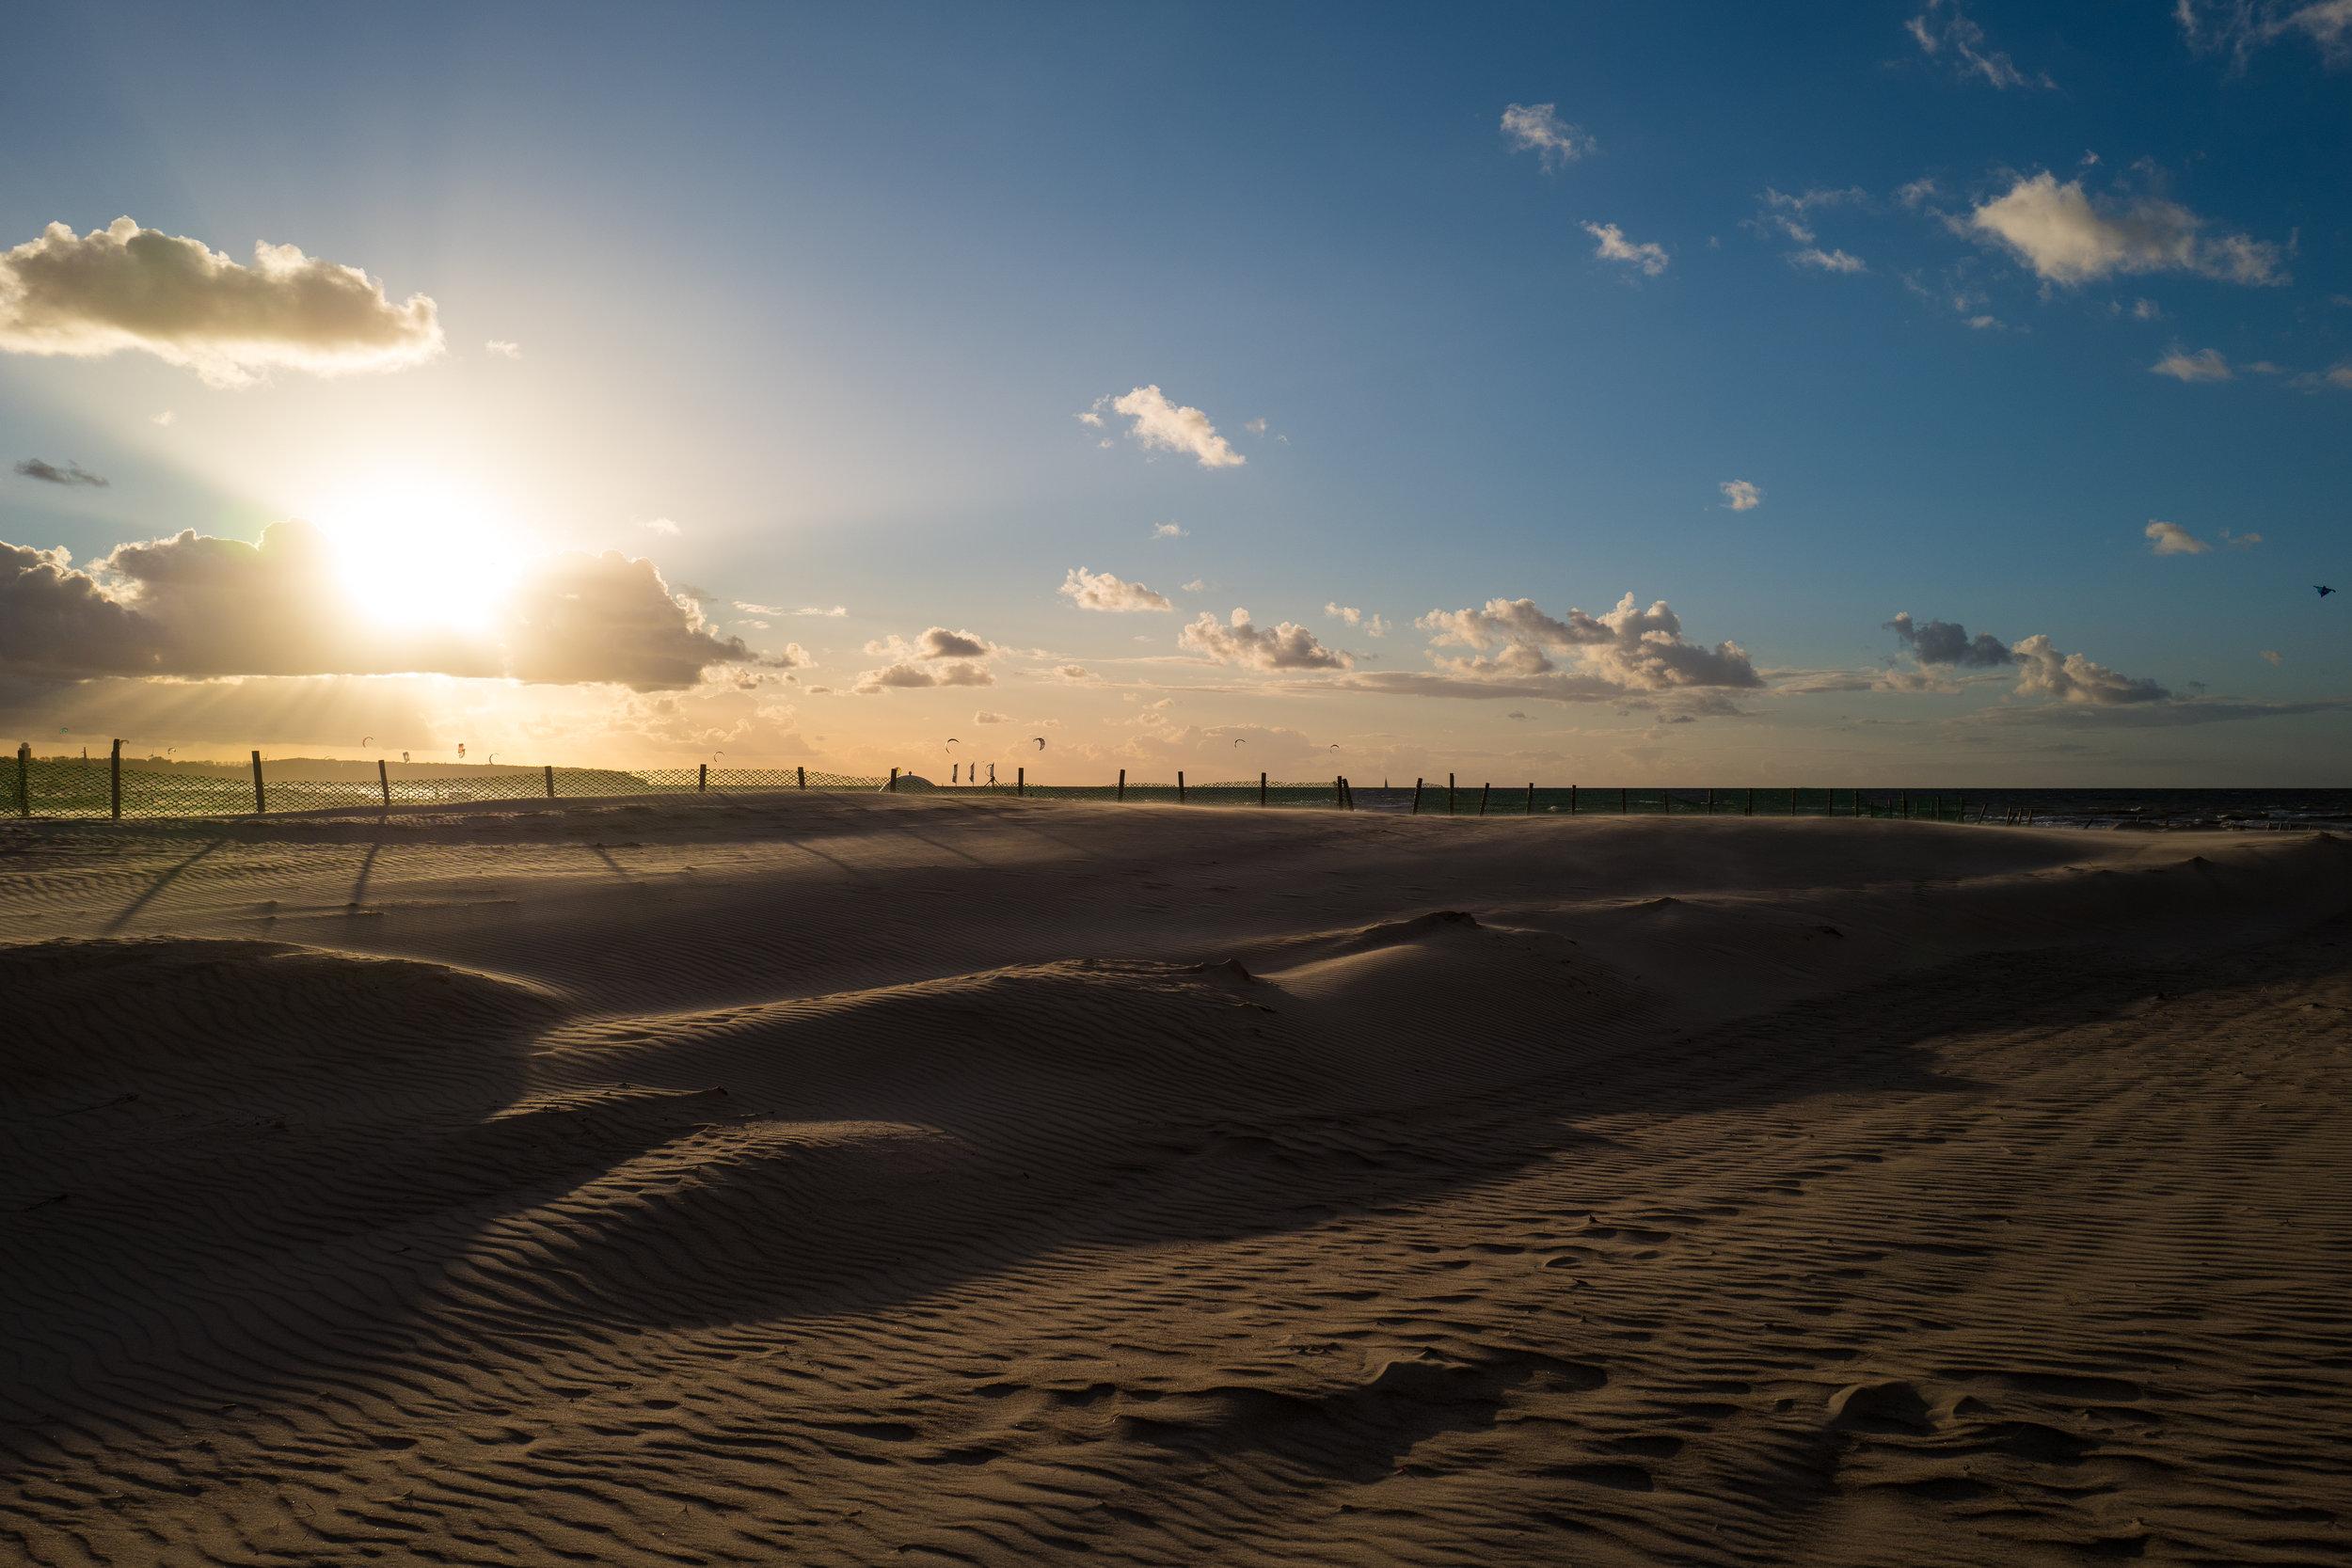 19/31 - Und noch ein Sonnenuntergang.